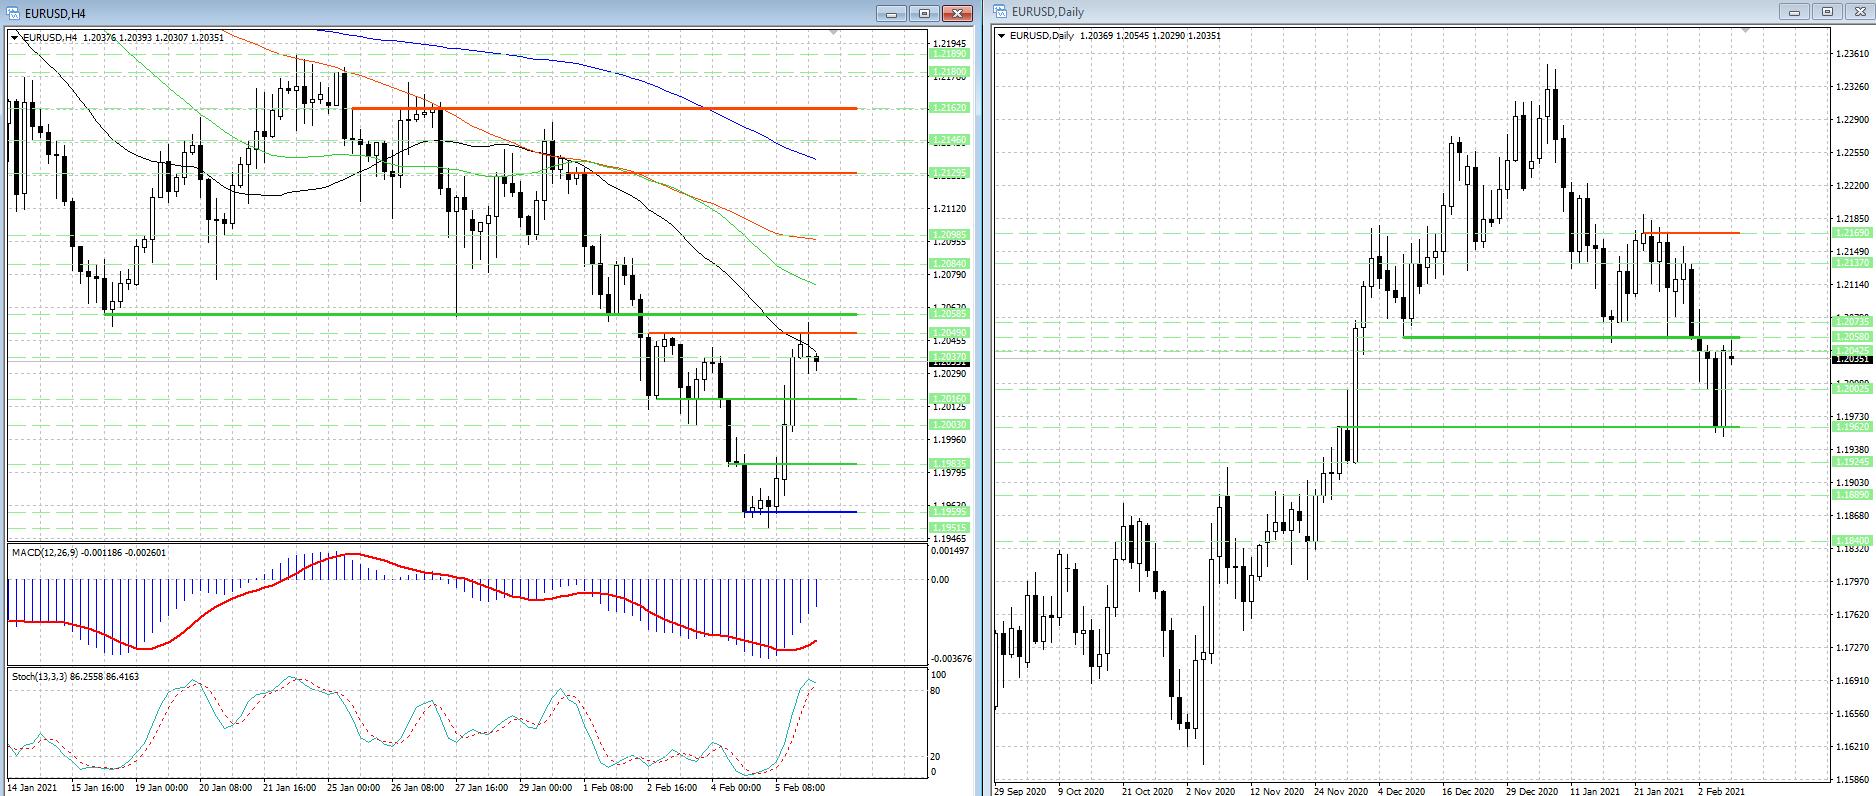 Валютная пара EUR/USD консолидируется после всплеска бычьих настроений...